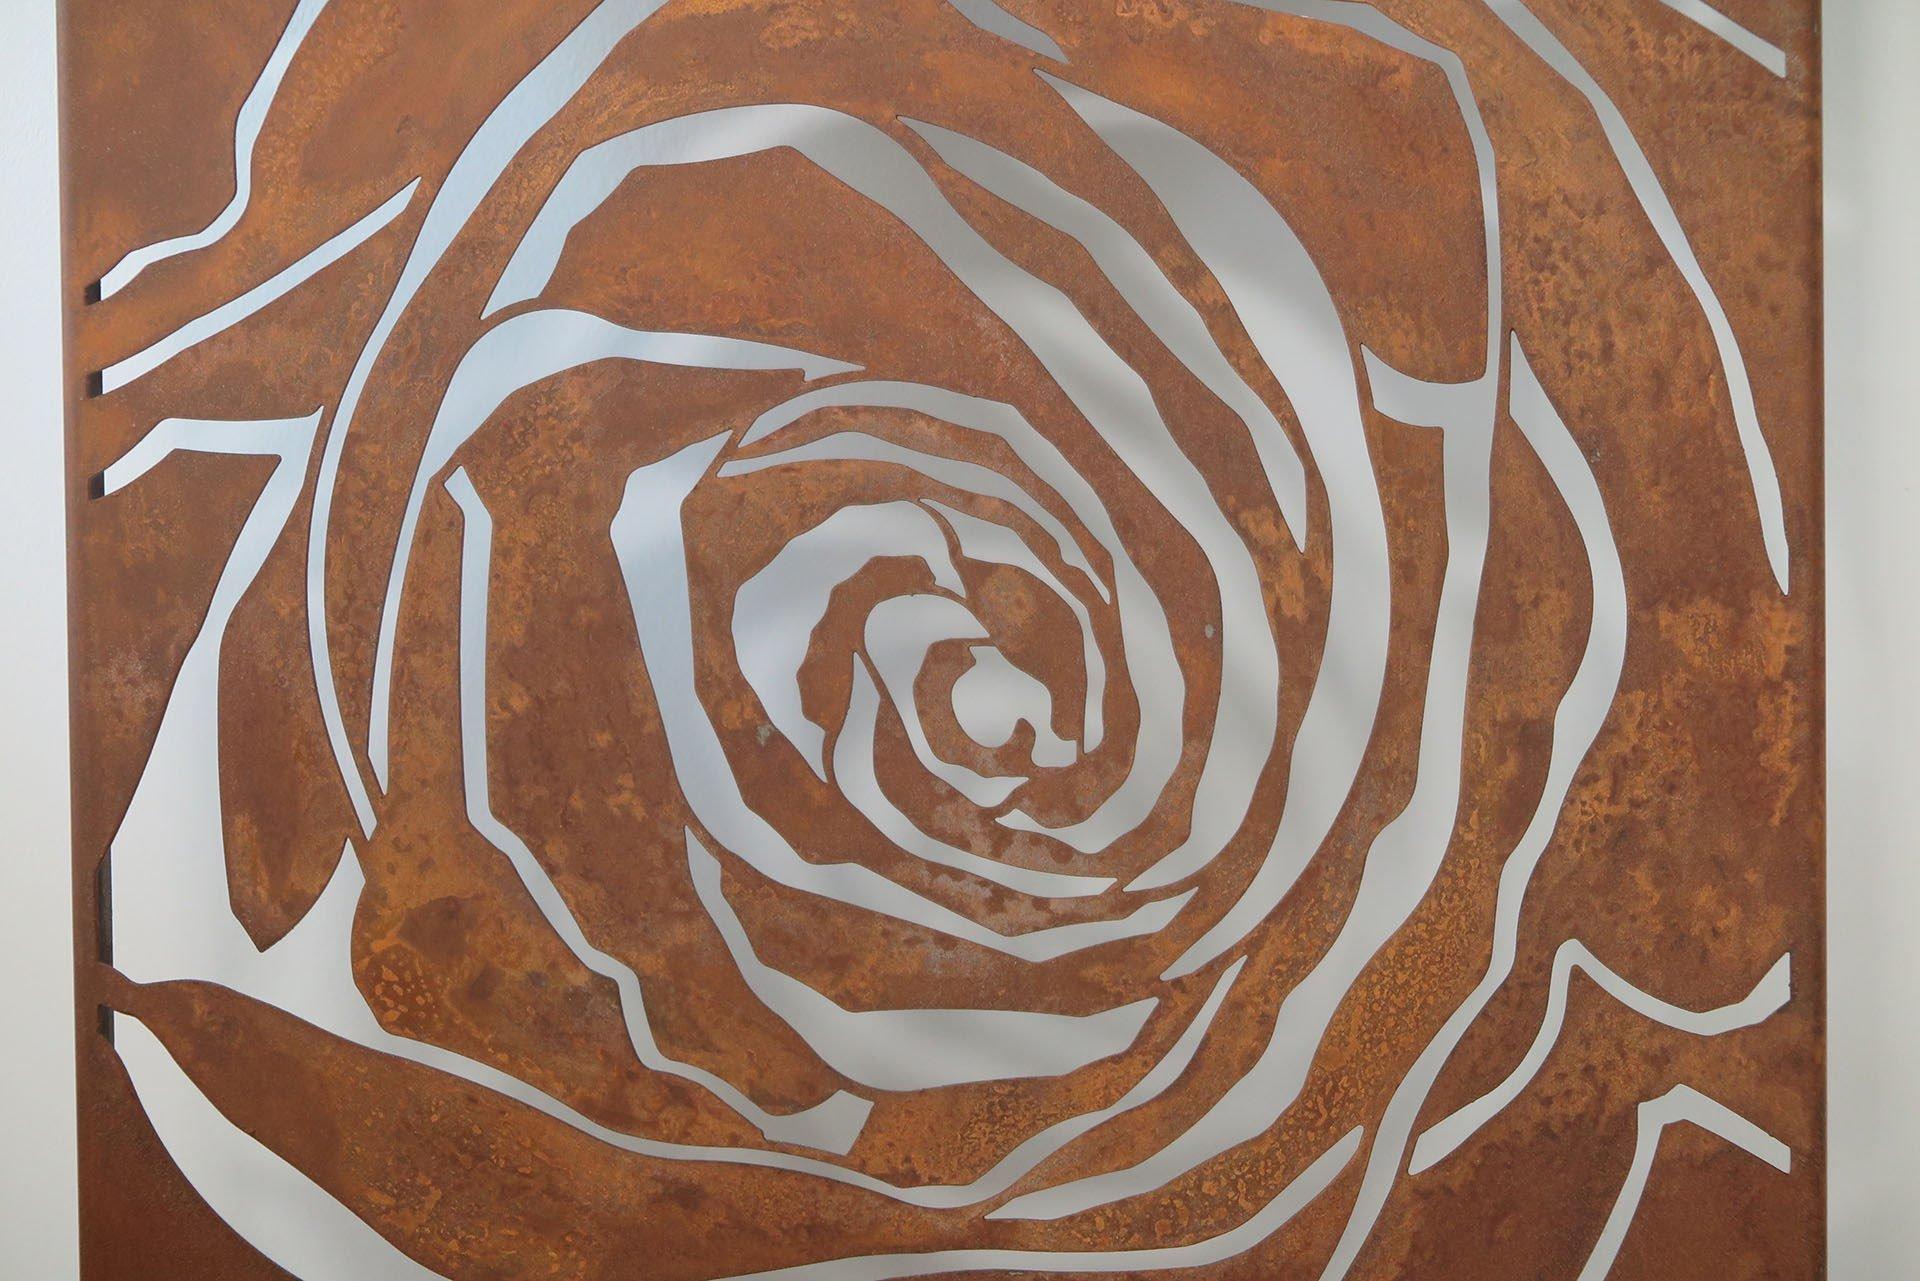 Aquesta imatge té l'atribut alt buit; el seu nom és Rosa-corten-03-.jpg